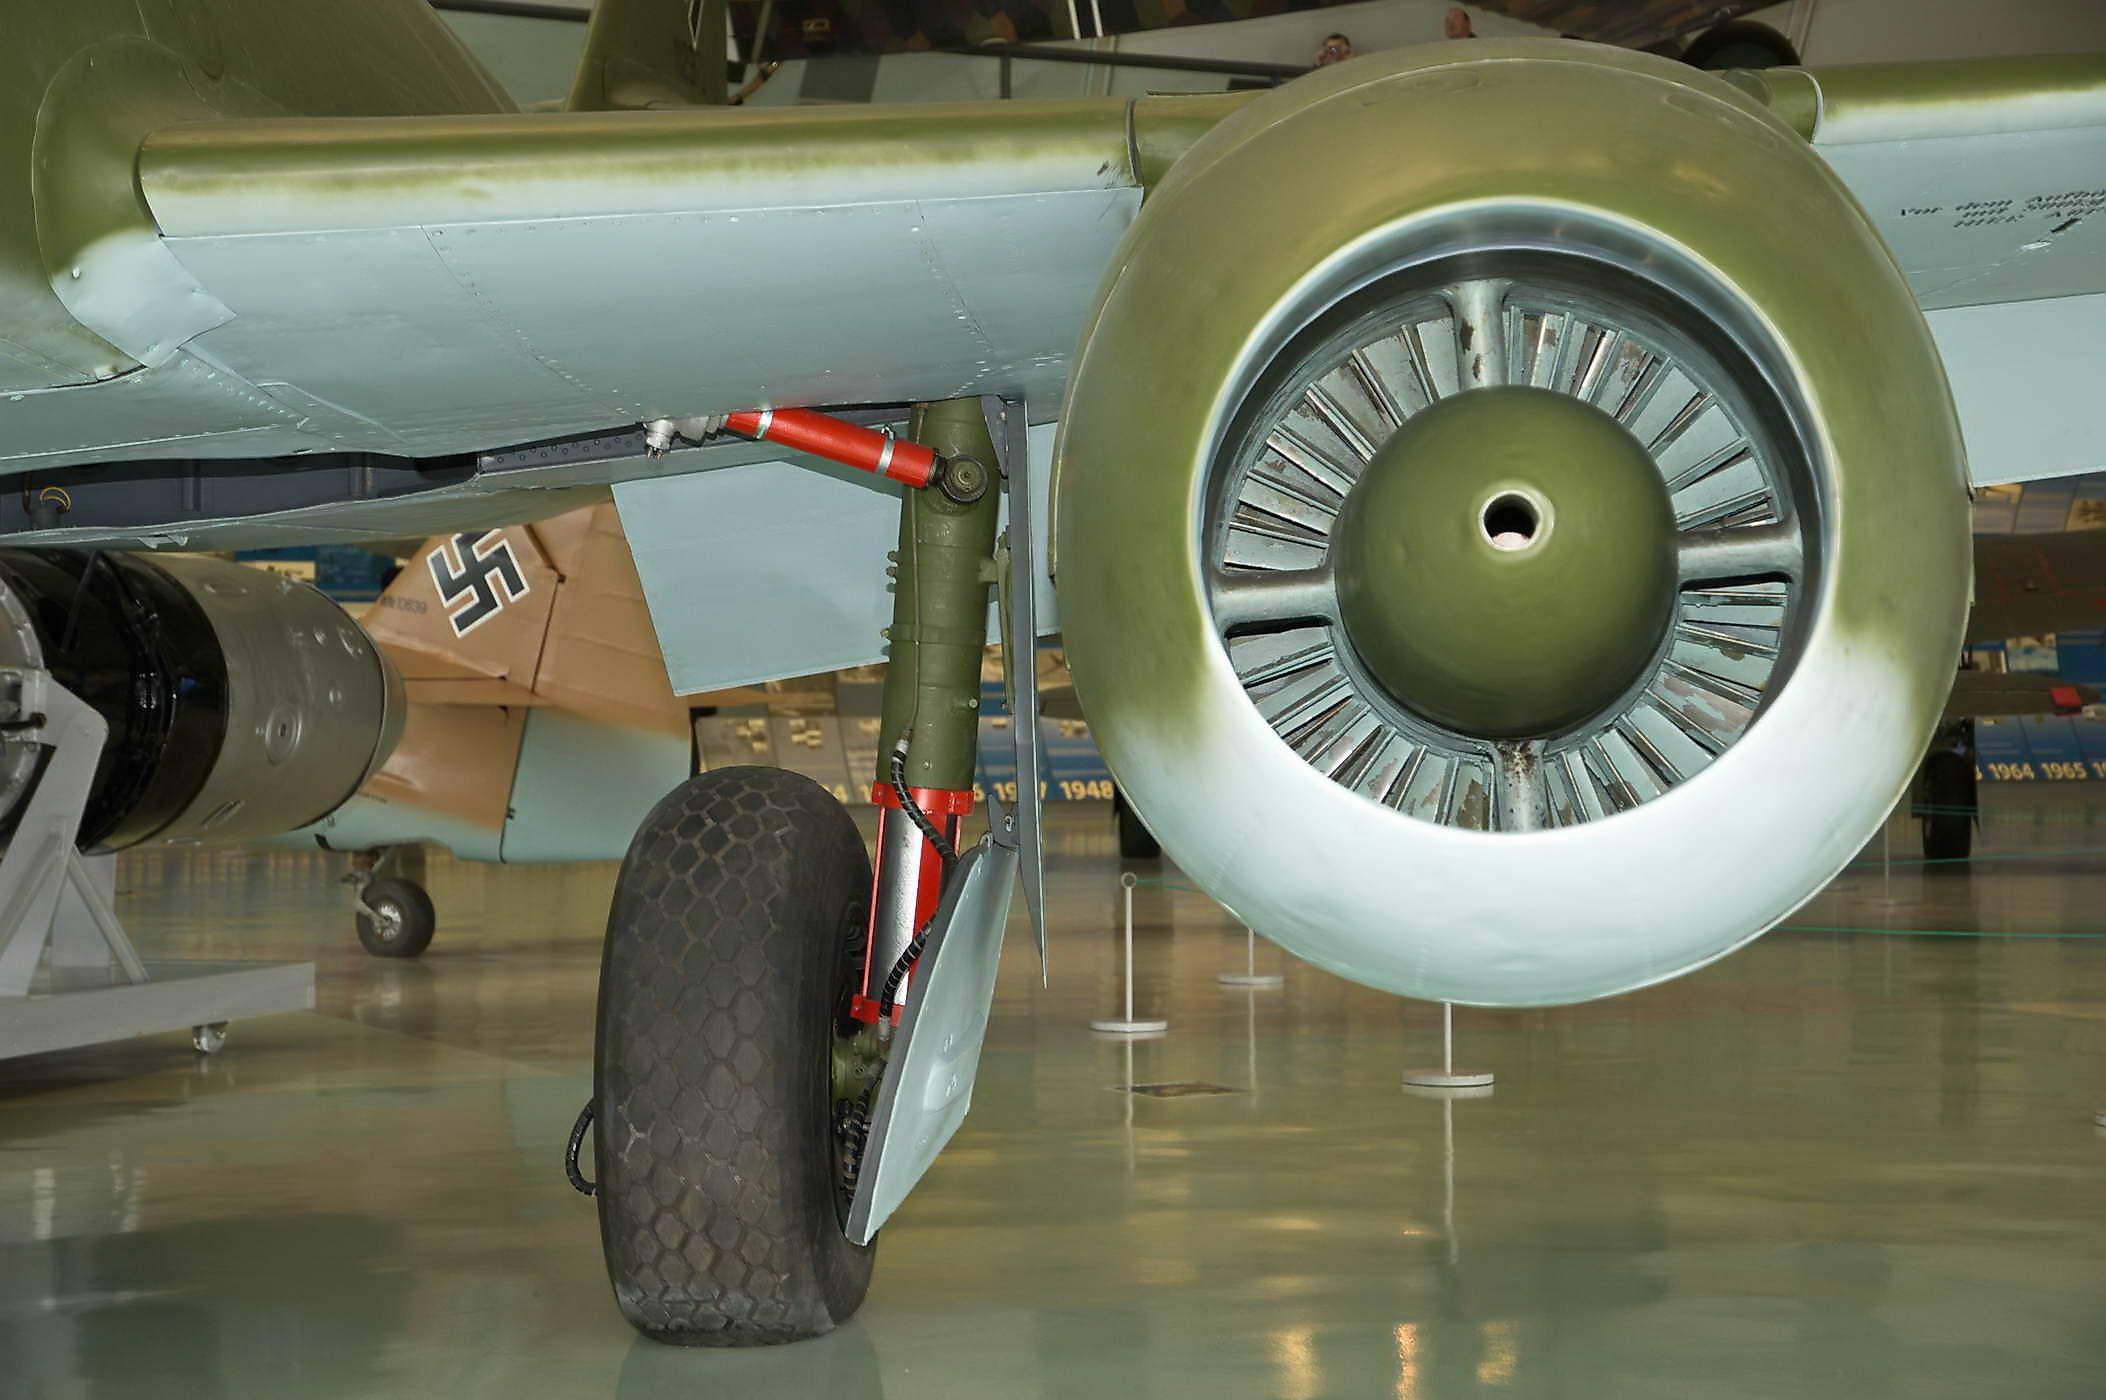 Messerschmitt Me 262A-2a Schwalbe